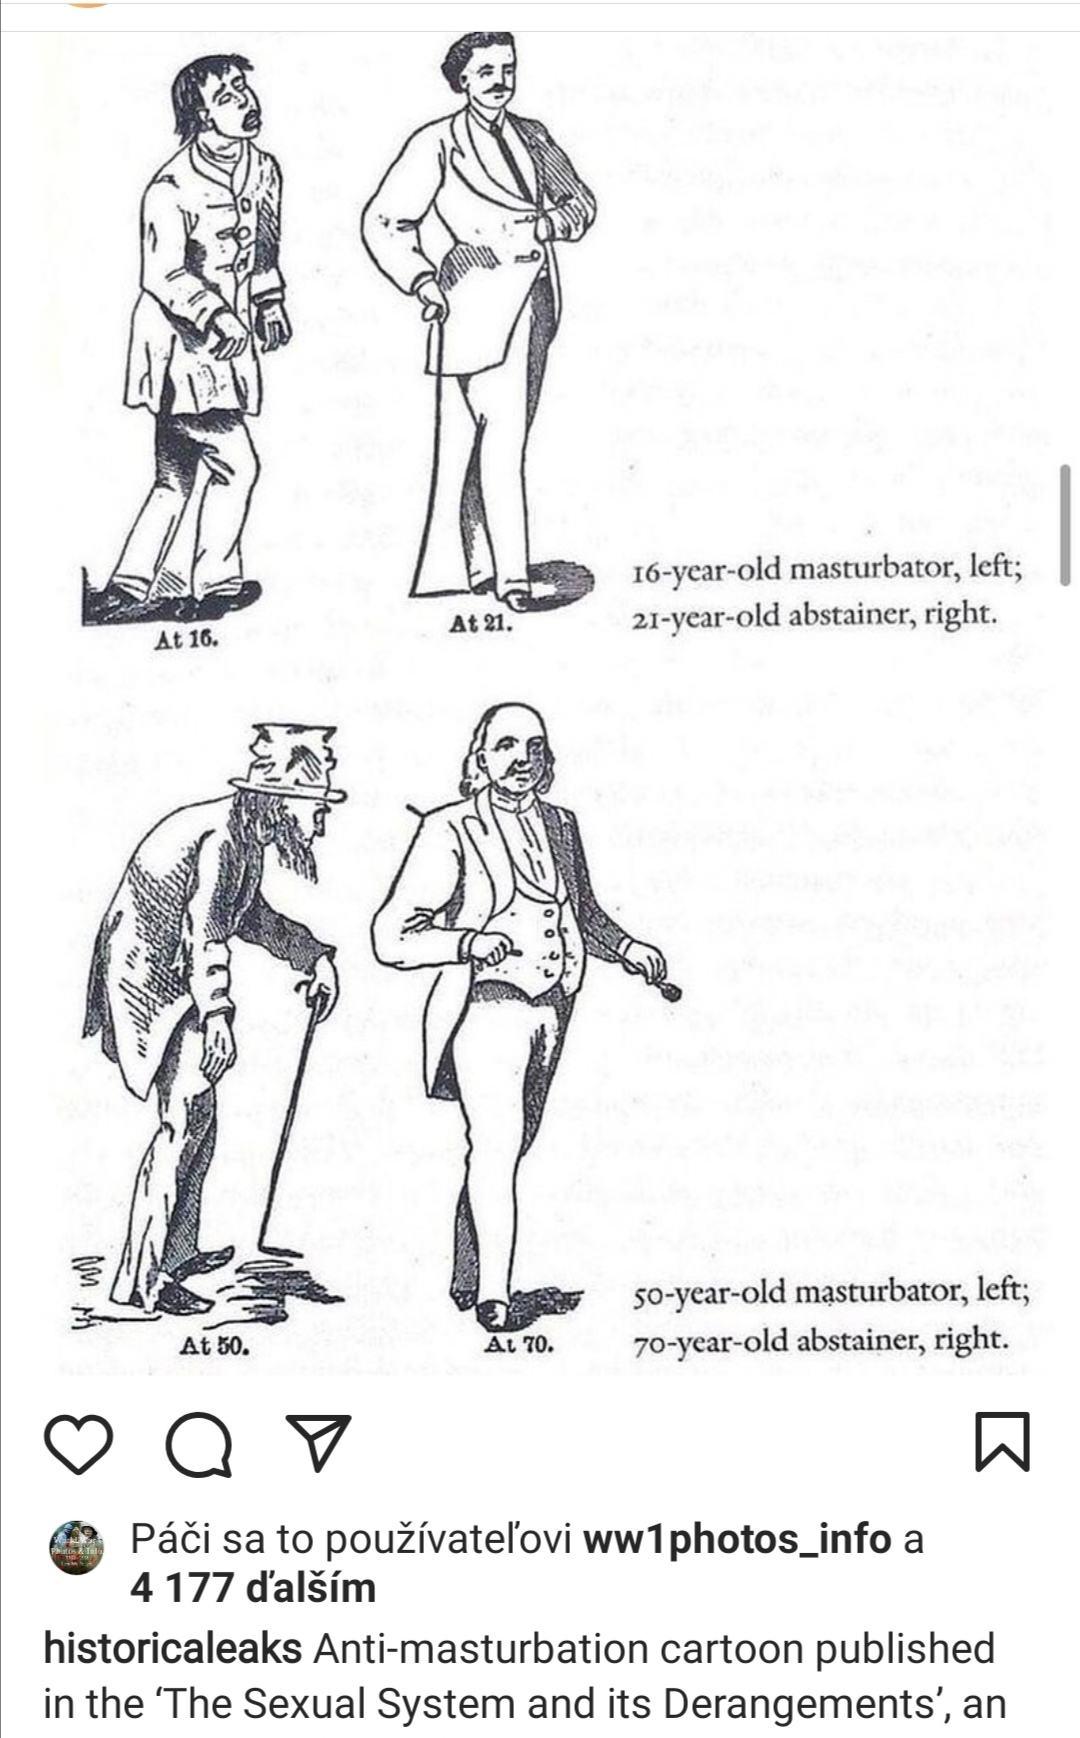 Obrázek antifap